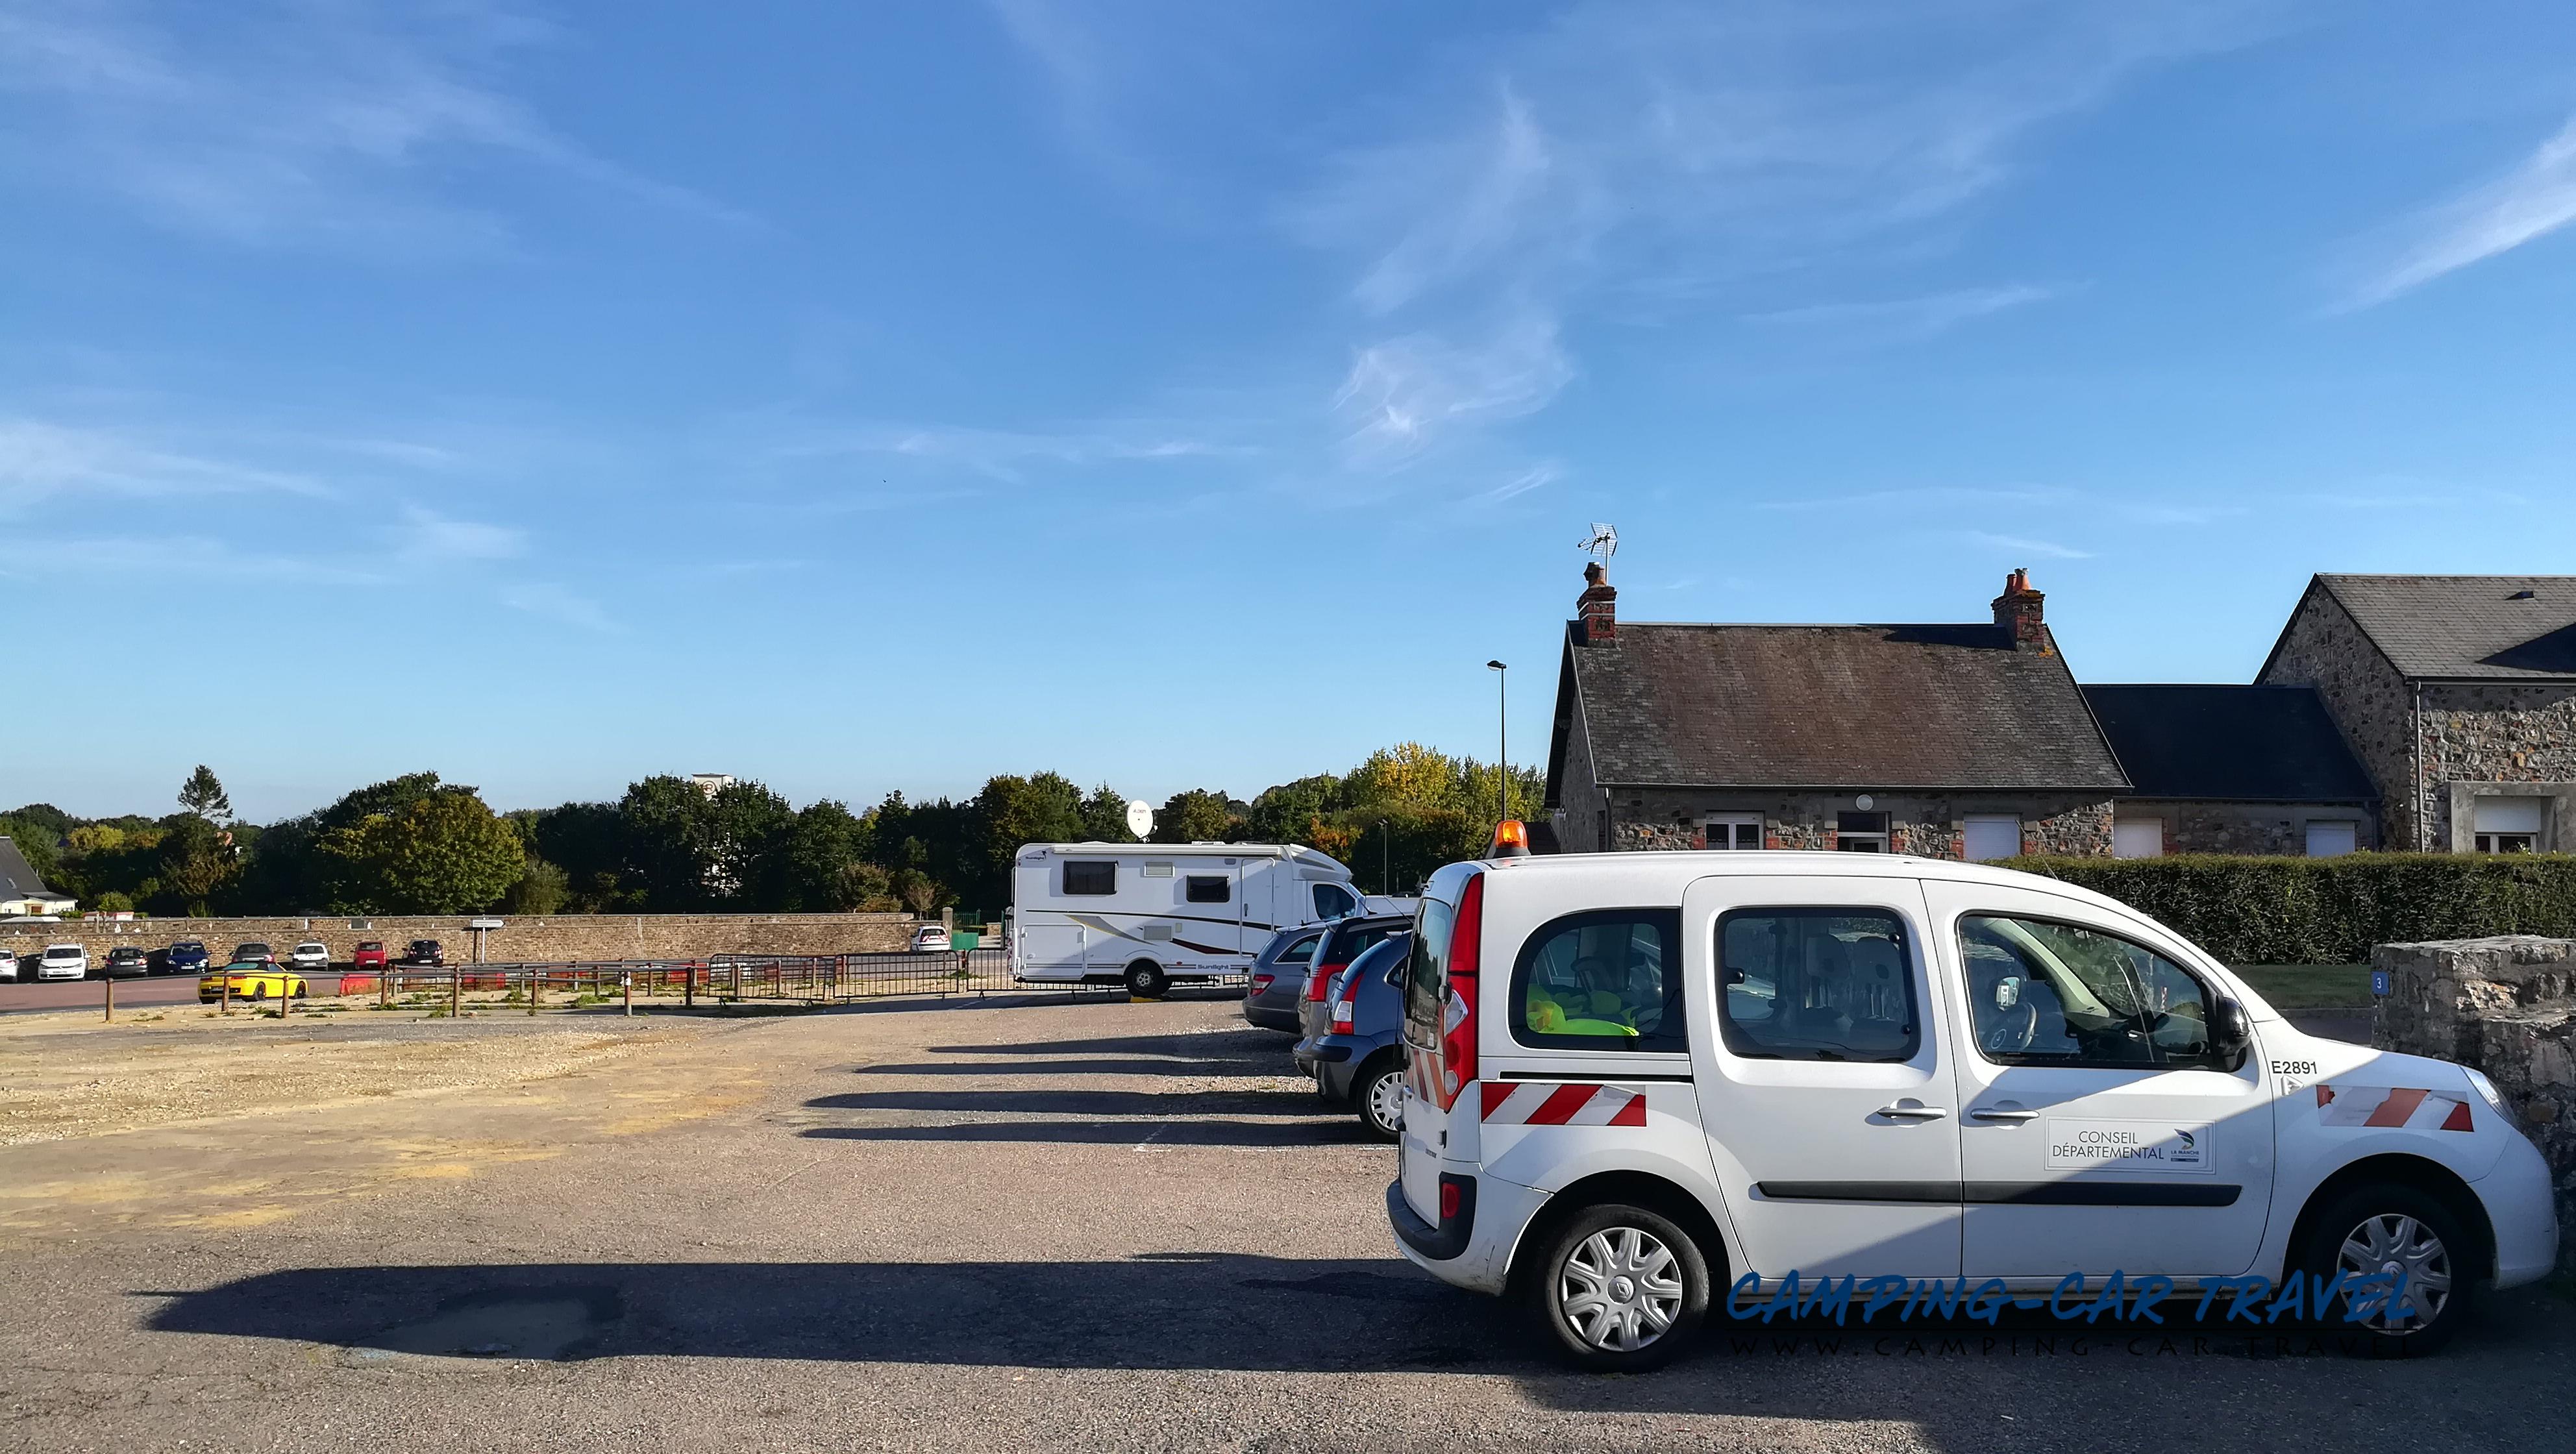 aire services camping car La Haye-du-Puits Manche Normandie